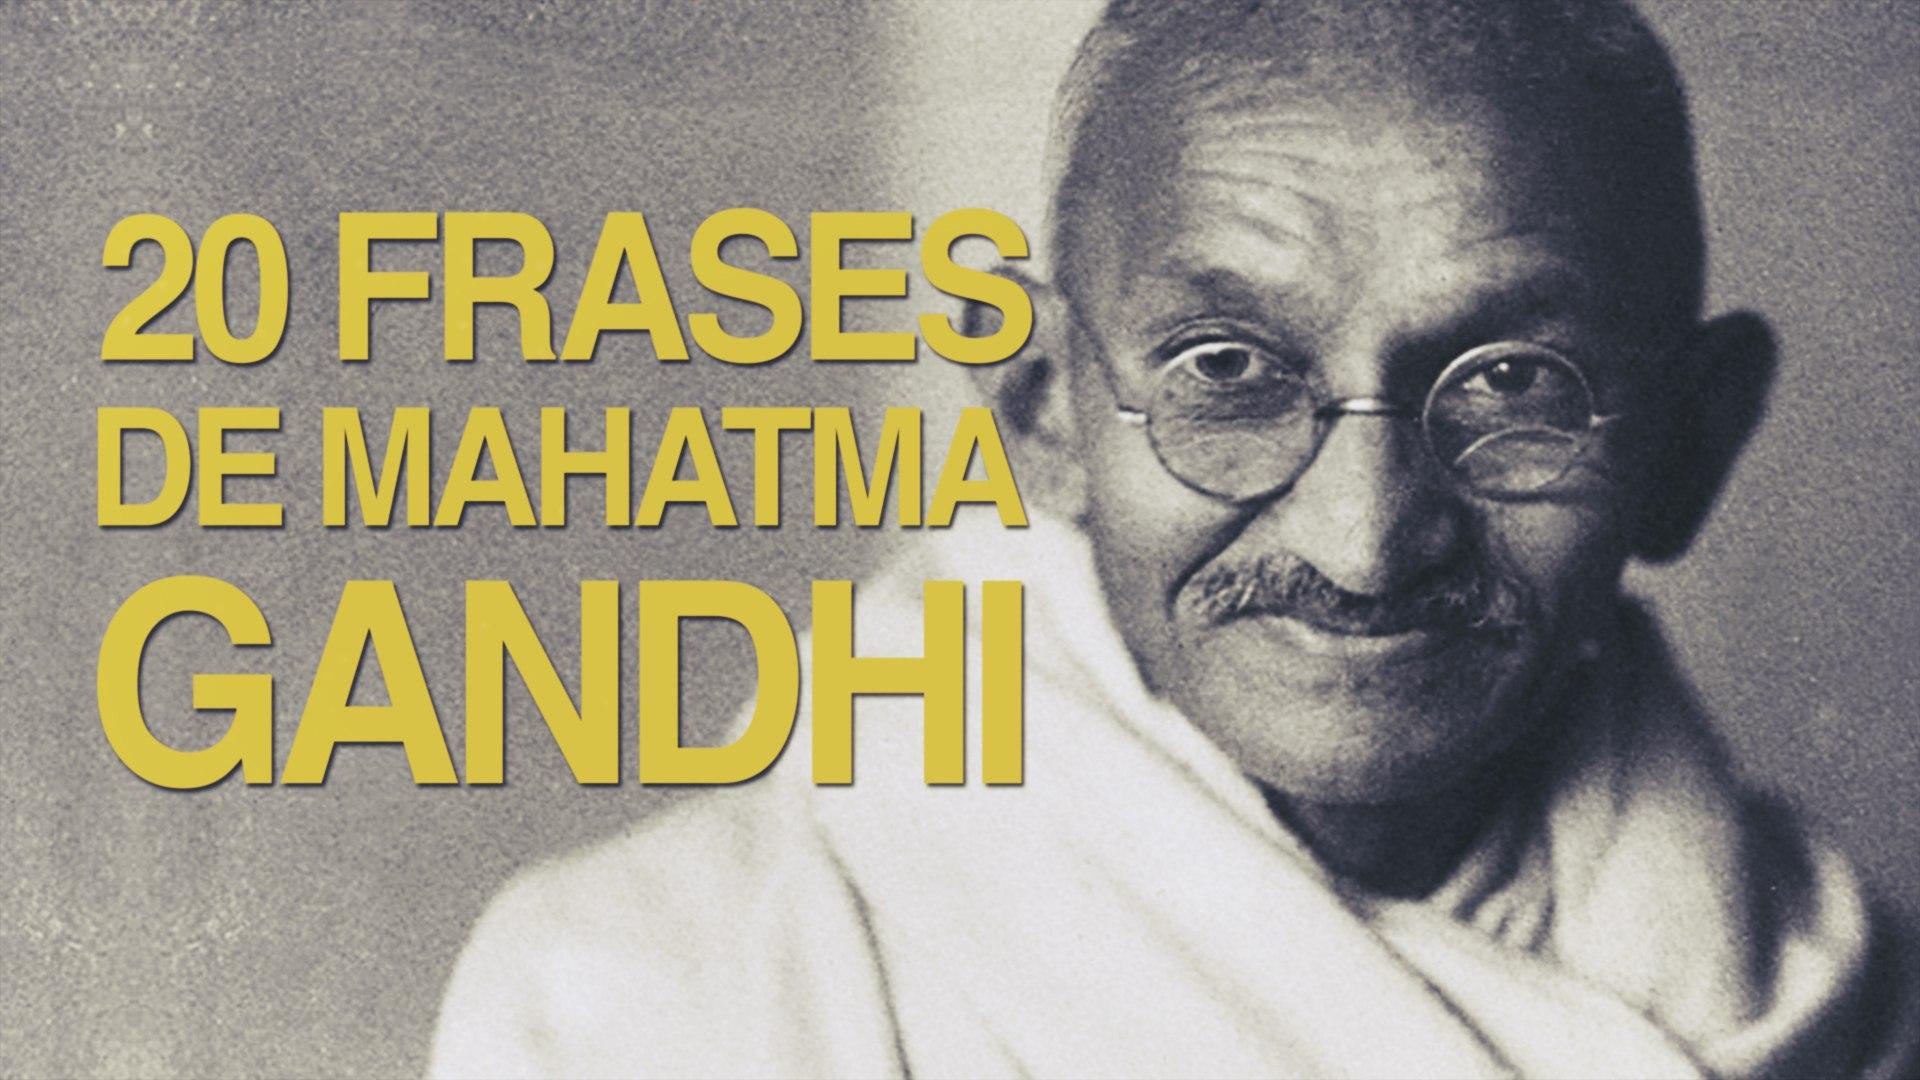 20 Frases De Mahatma Gandhi El Admirado Líder Espiritual